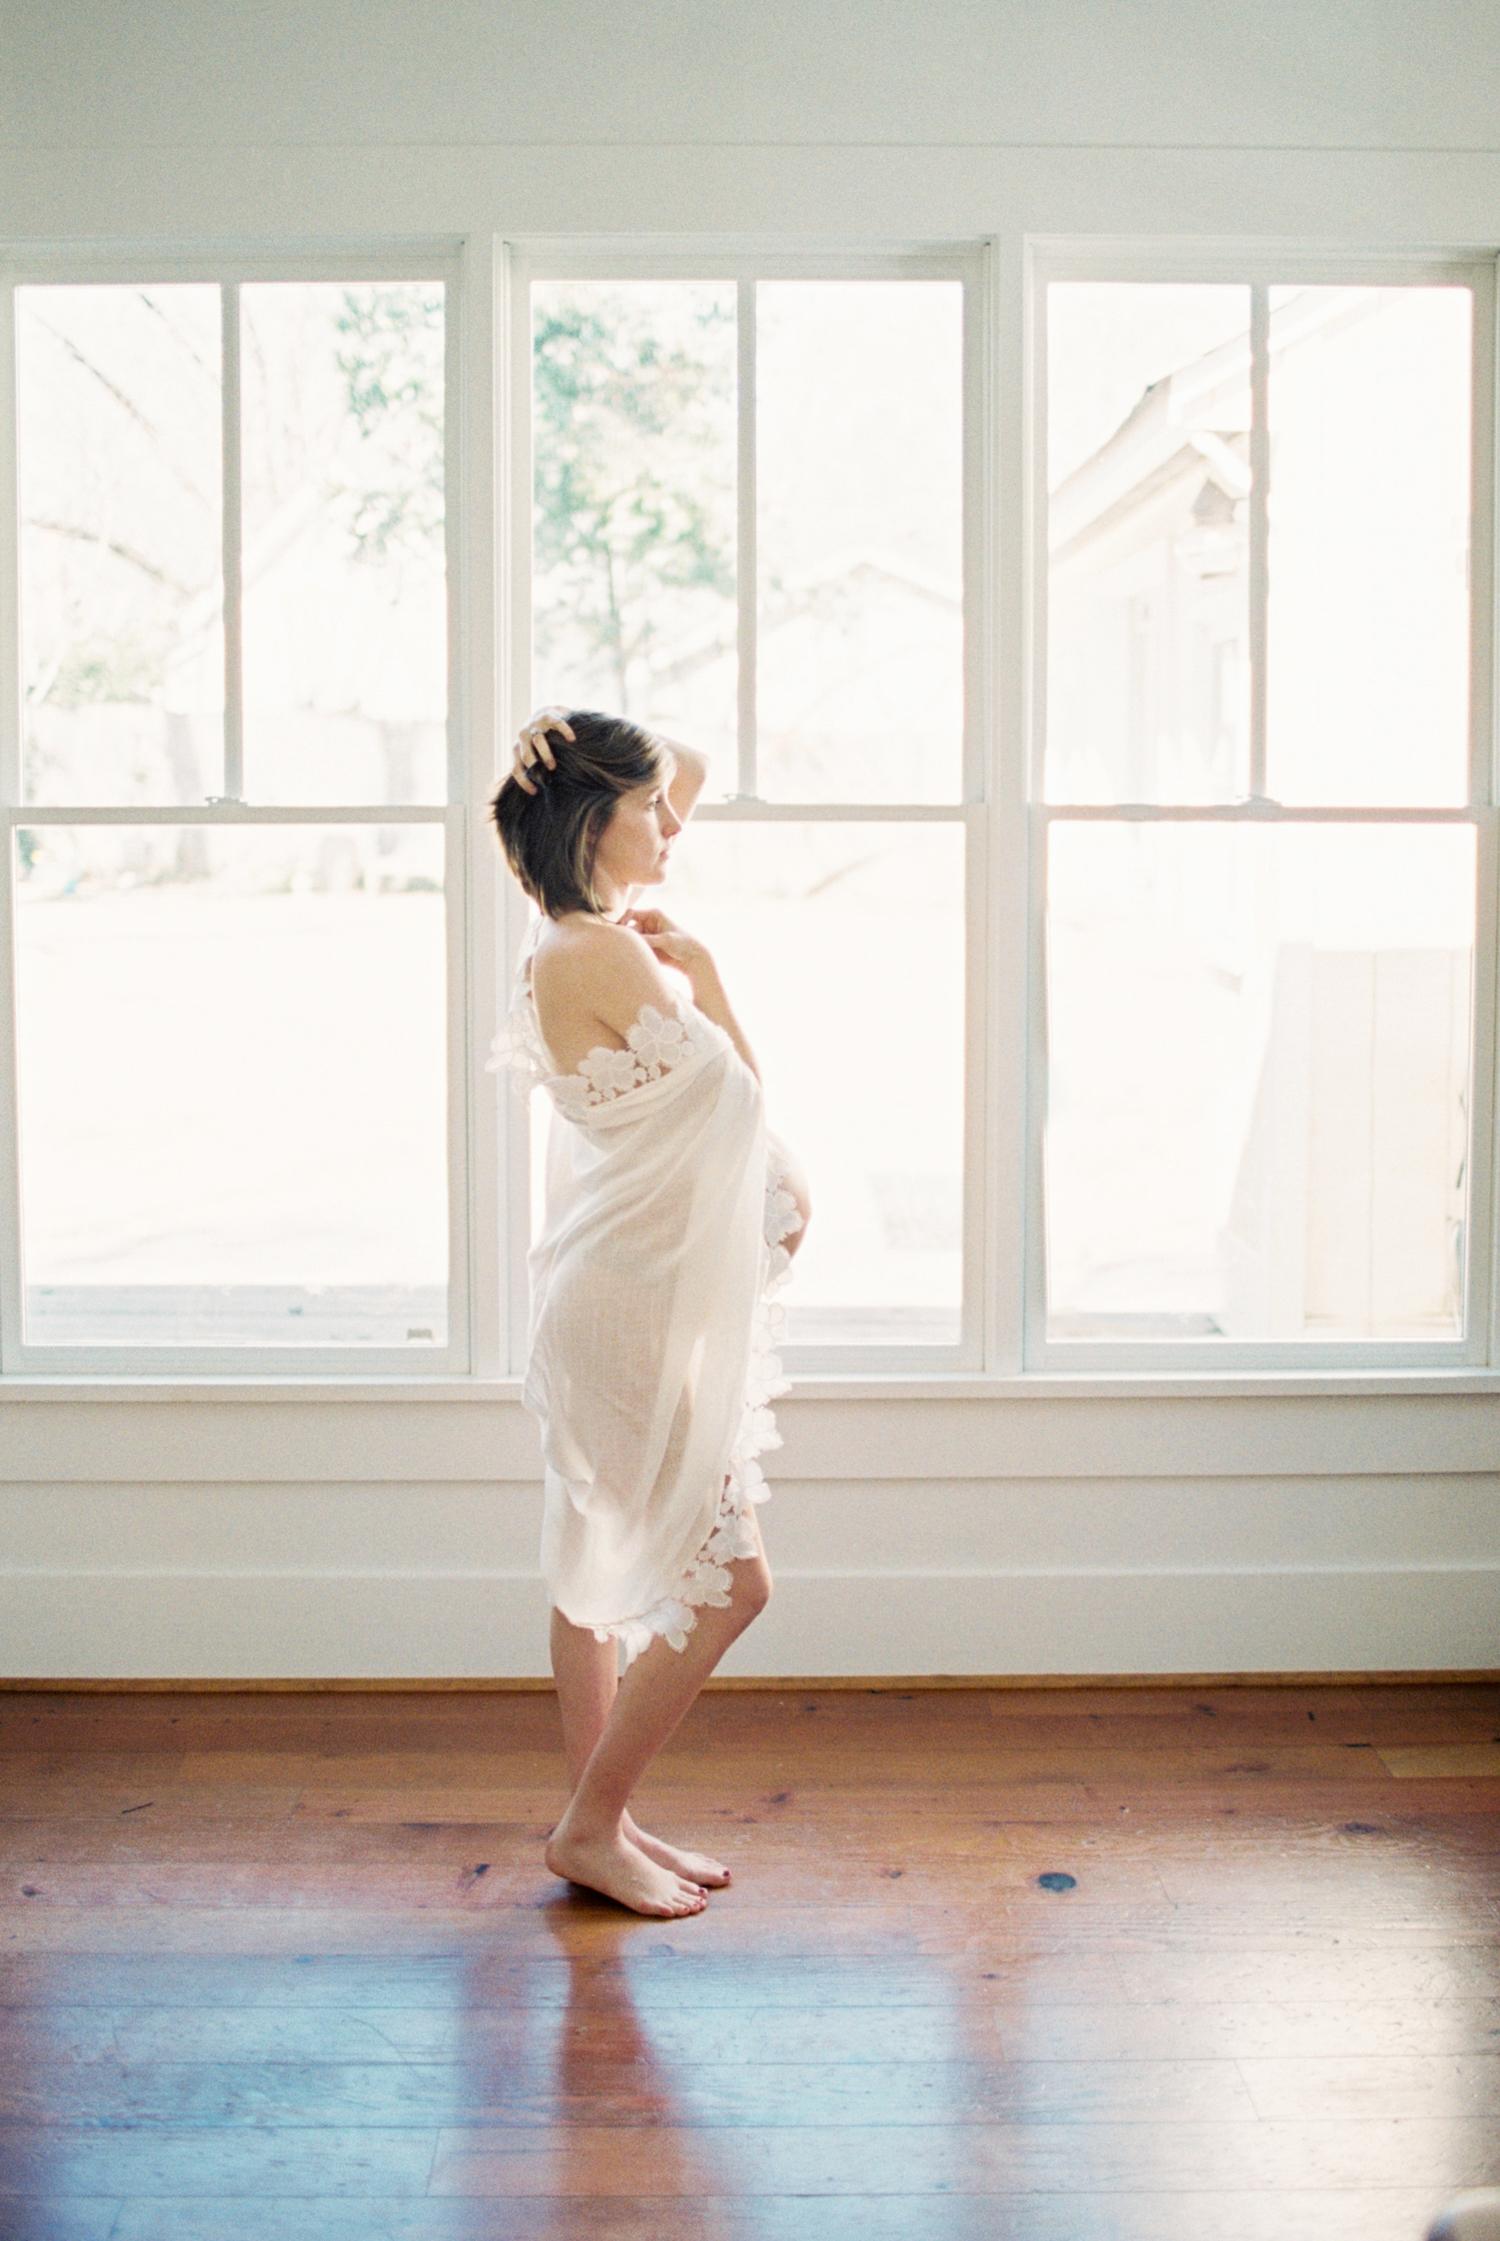 Atlanta Family Maternity Photographer